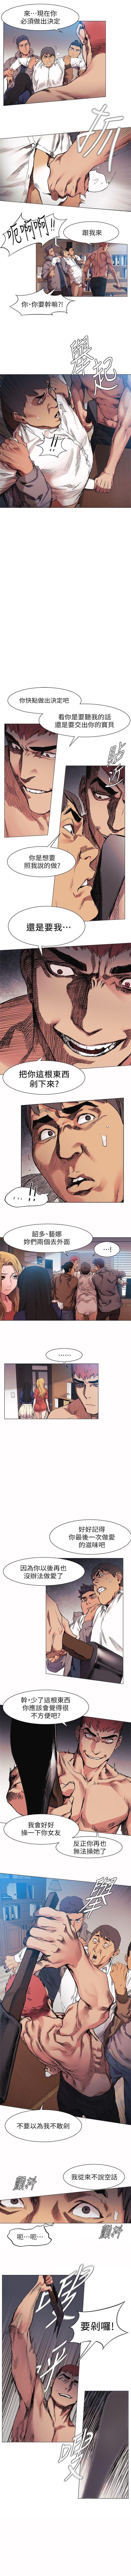 (週5)衝突 1-91 中文翻譯 (更新中) 149